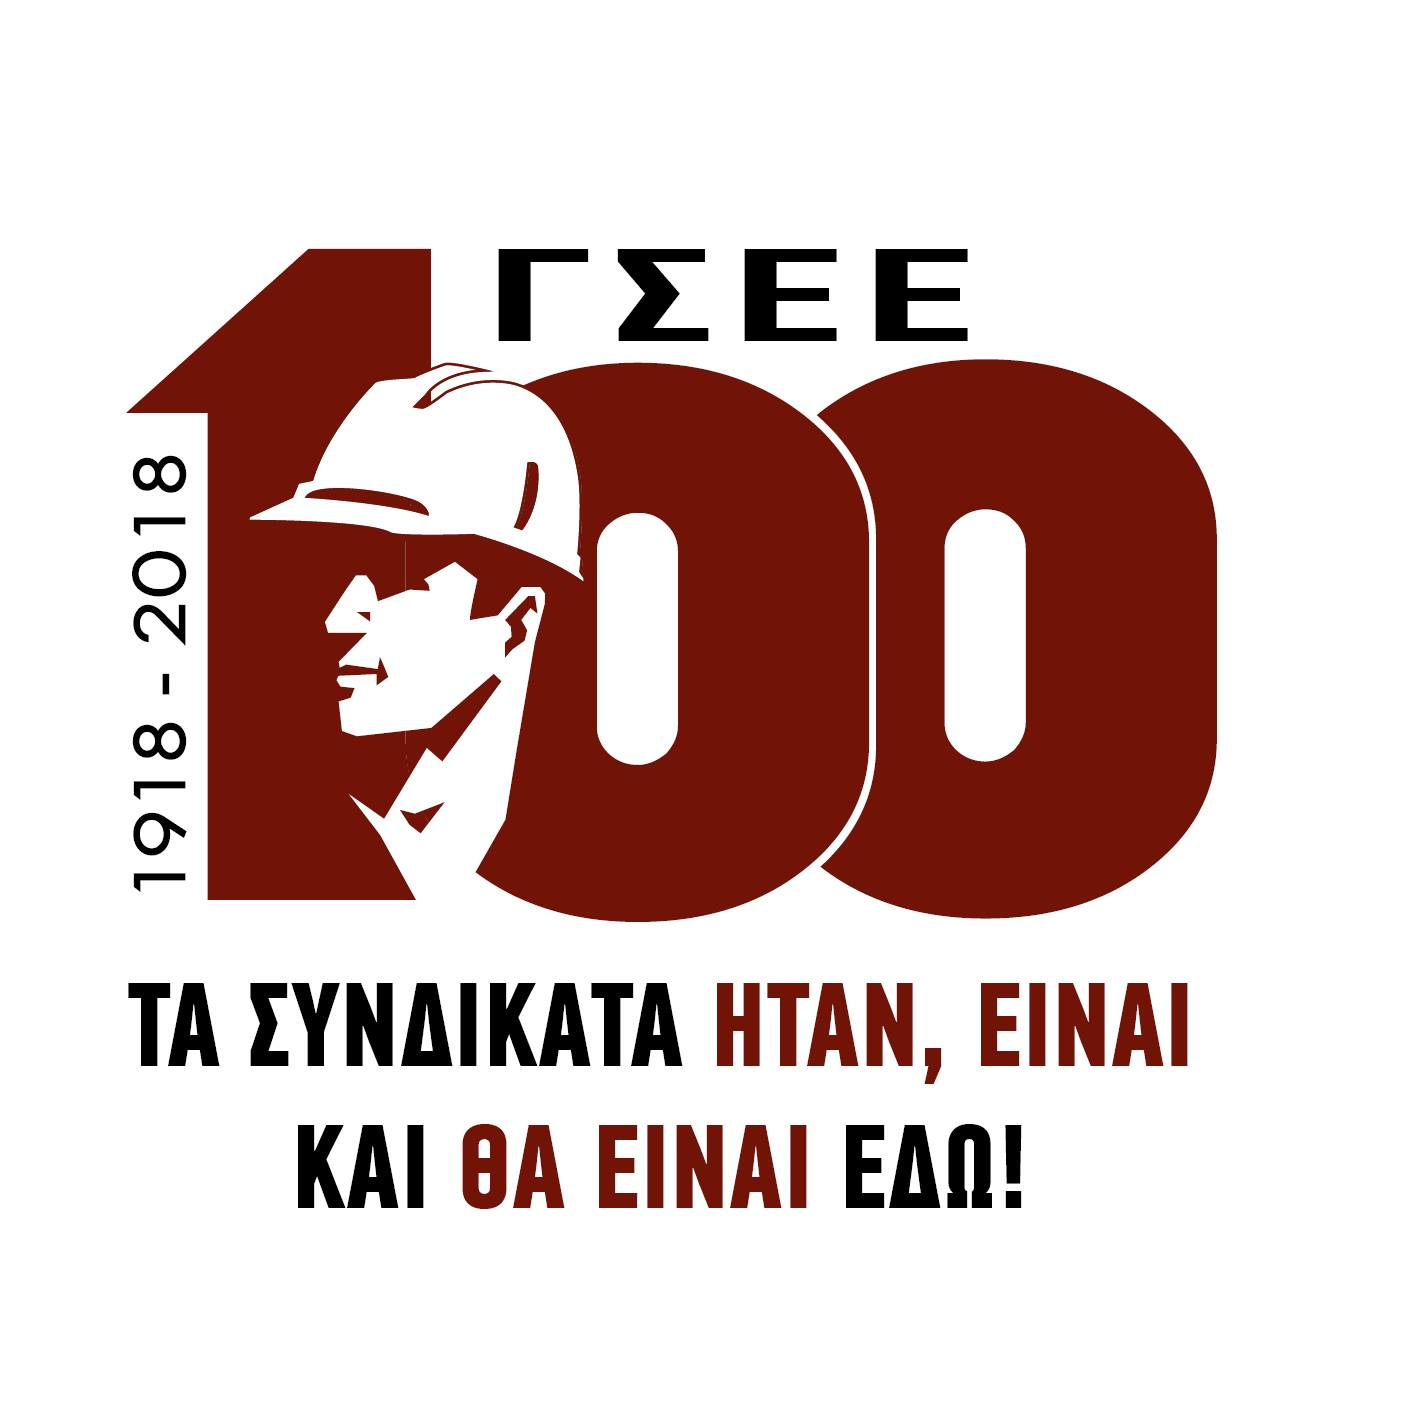 Ενδιάμεση Έκθεση 2018 για την ελληνική οικονομία και την απασχόληση